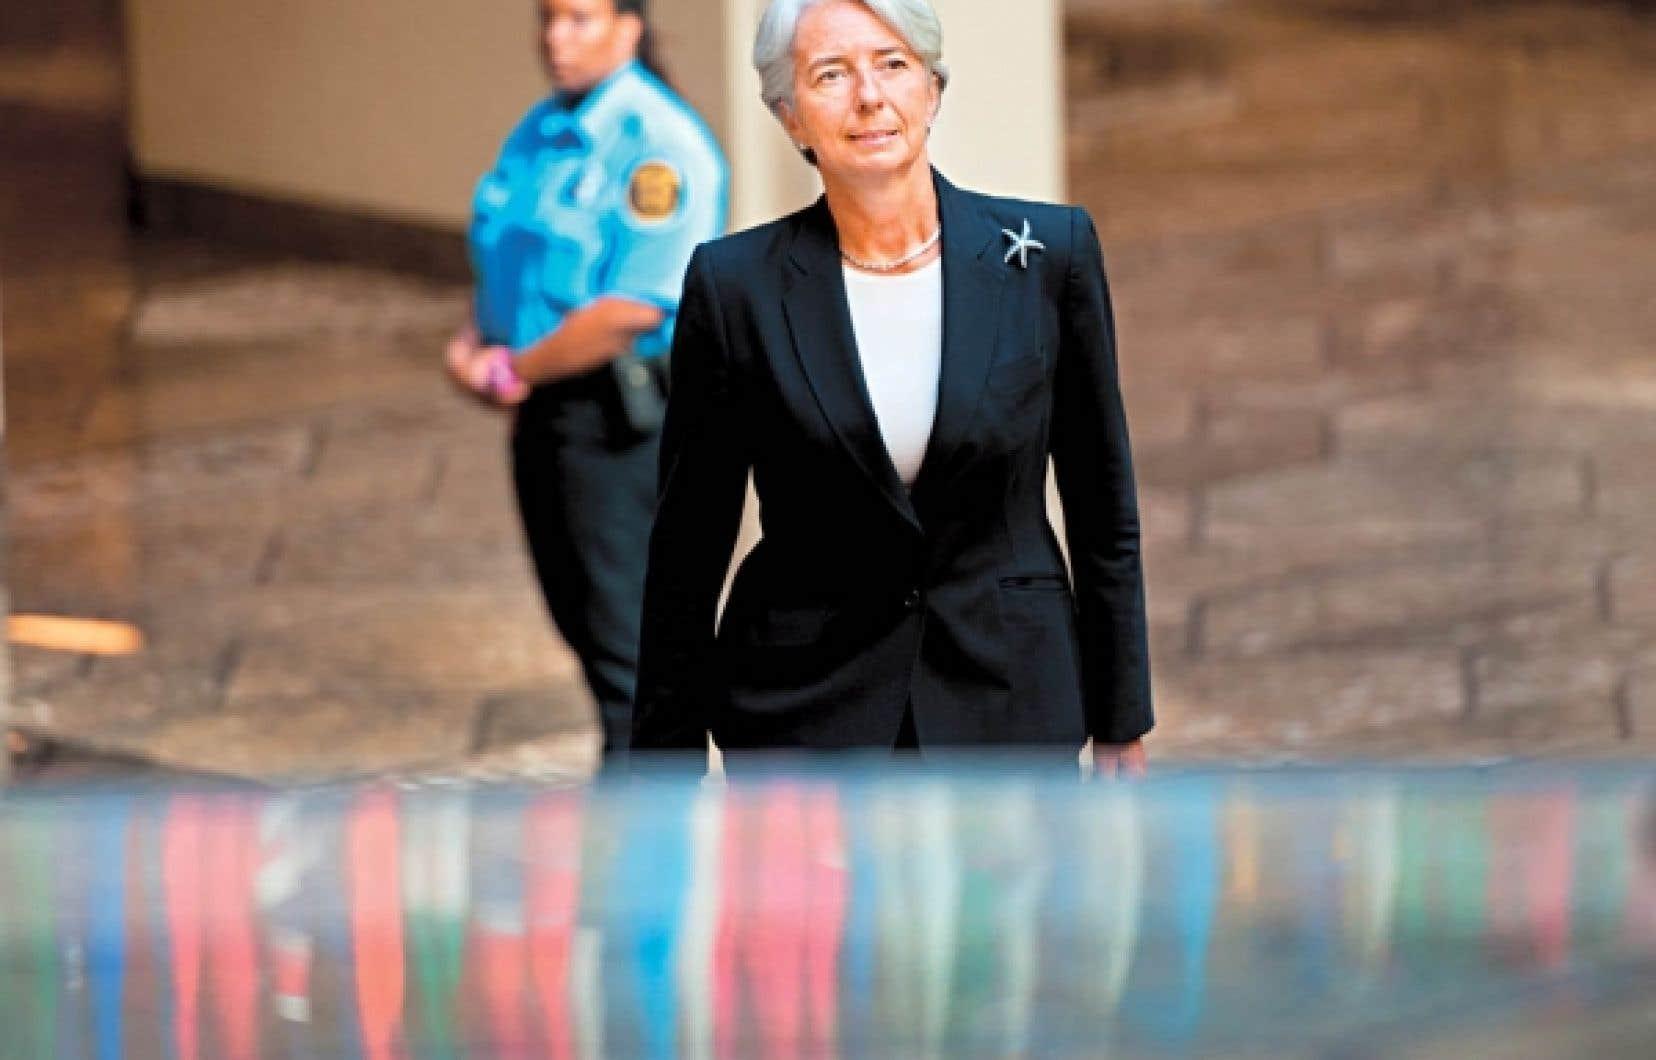 Christine Lagarde à son arrivée dans son nouveau lieu de travail, le FMI, à Washington.<br />